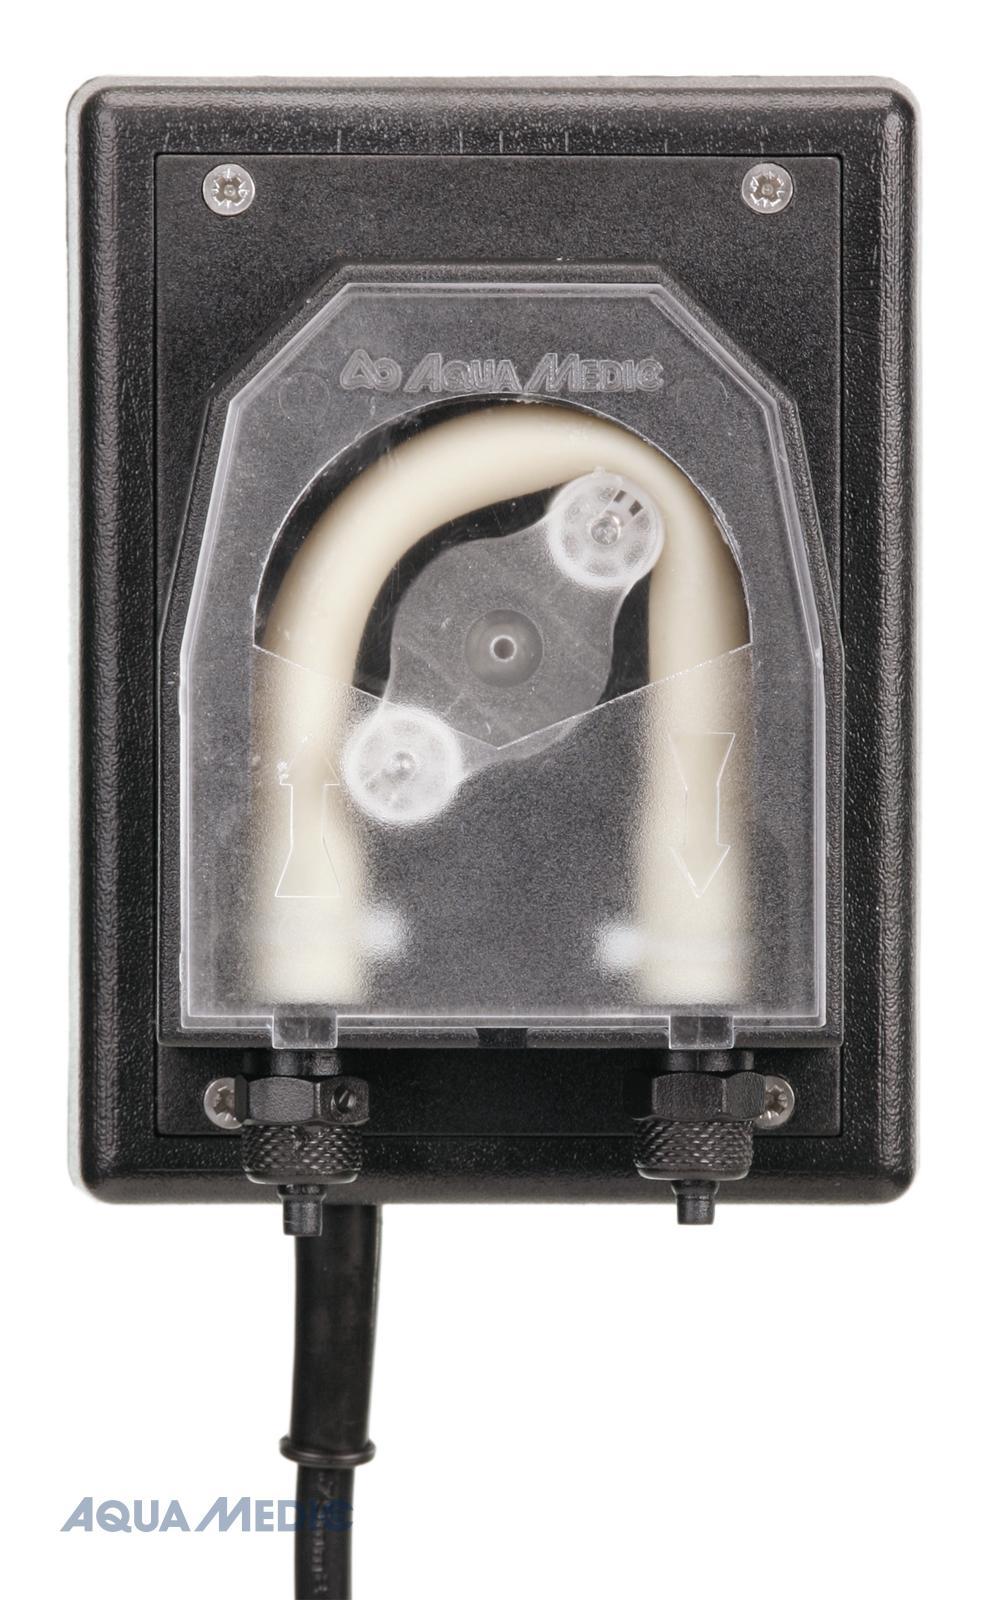 Dosierpumpe SP 3000 - Dosierpumpe, Schlauchpumpe zur Förderung kleiner Wassermengen